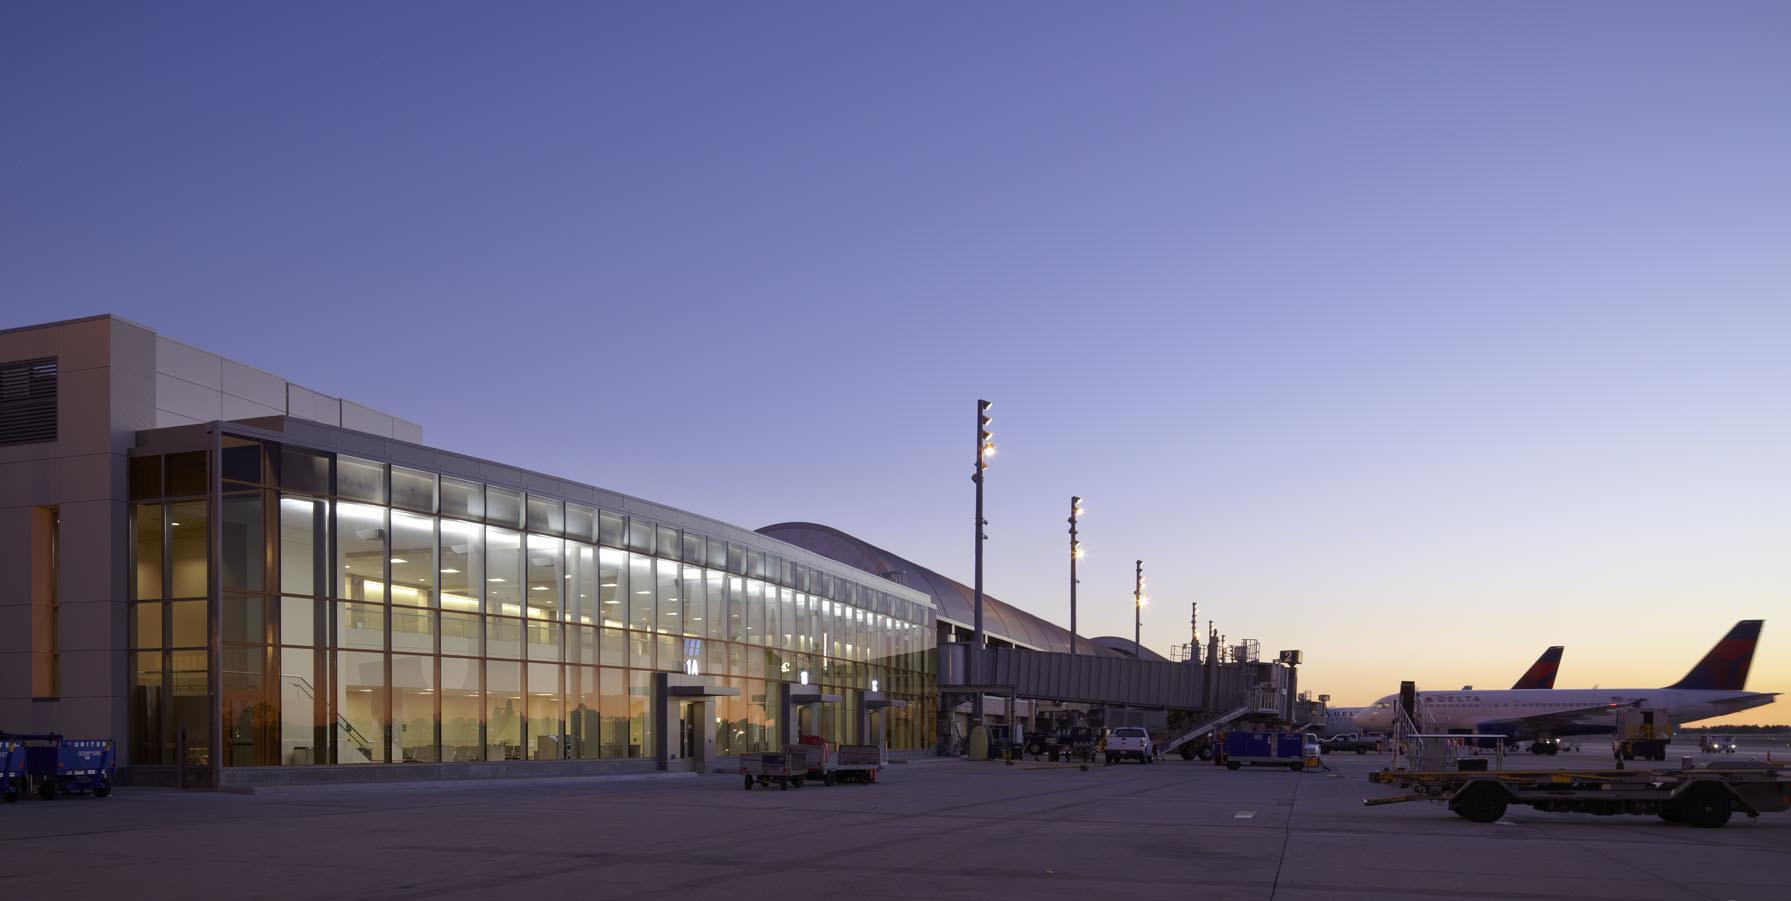 John Wayne Airport Shuttle From Prime Time Shuttle